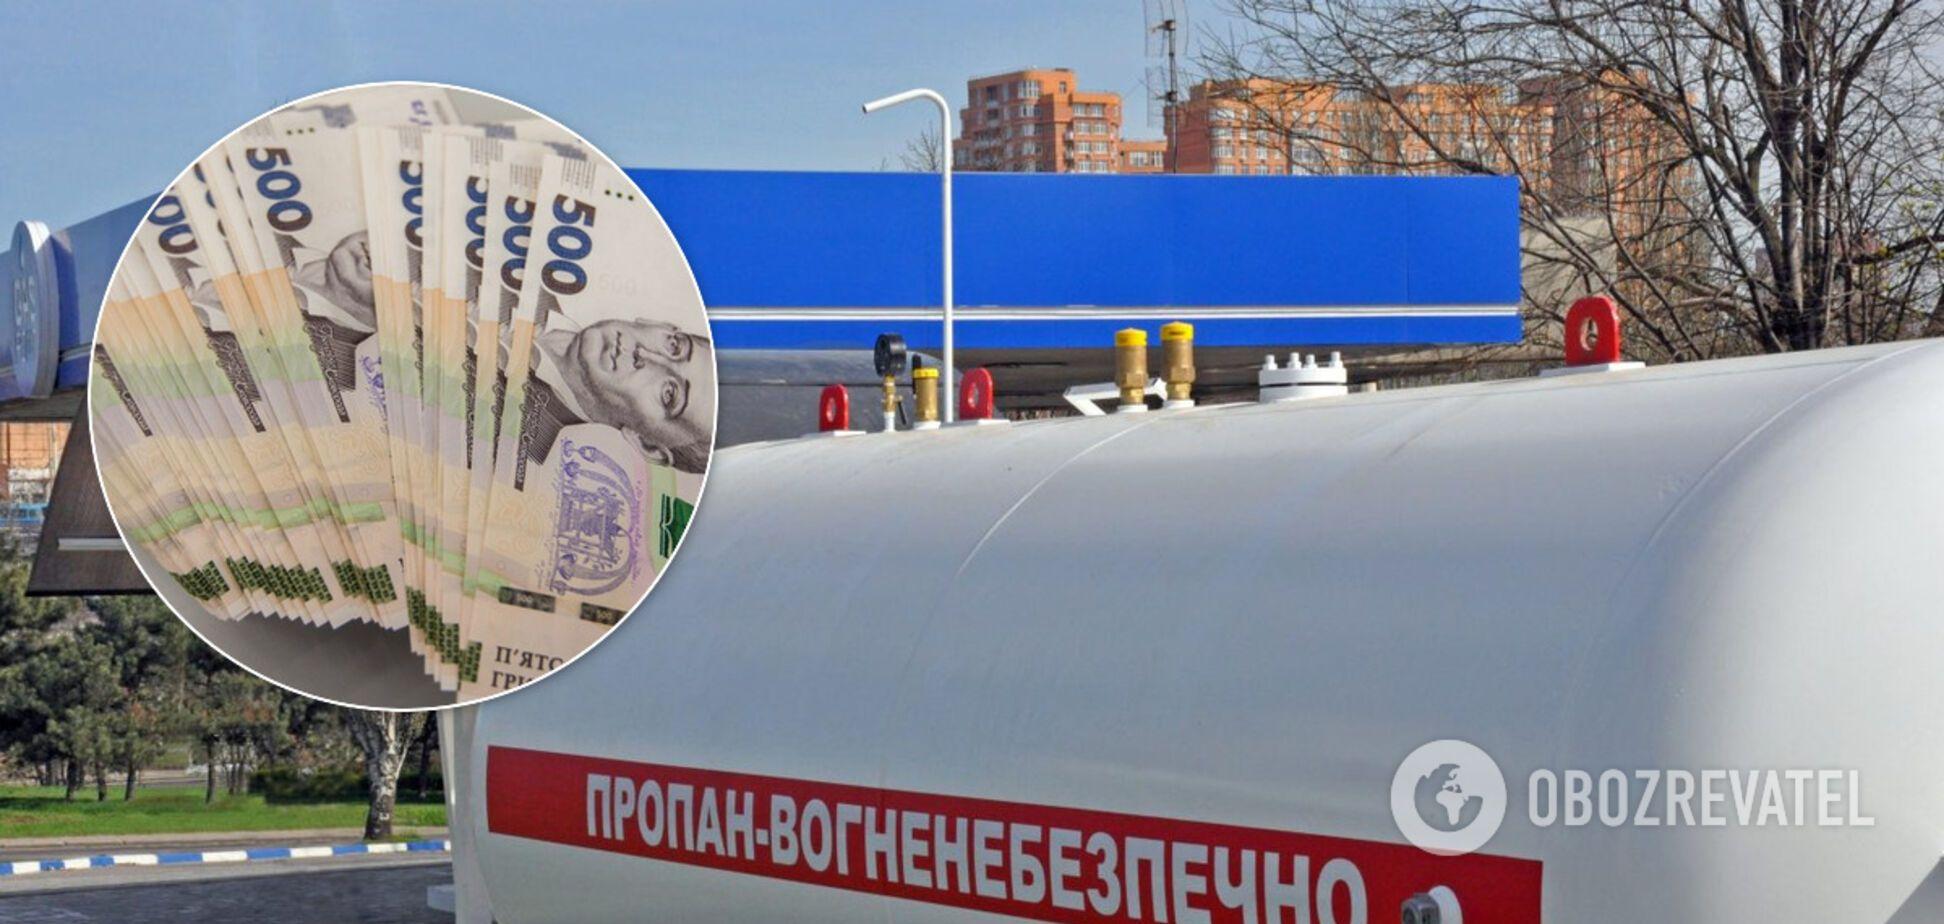 На украинских АЗС выросли цены на газ: сколько стоит в регионах